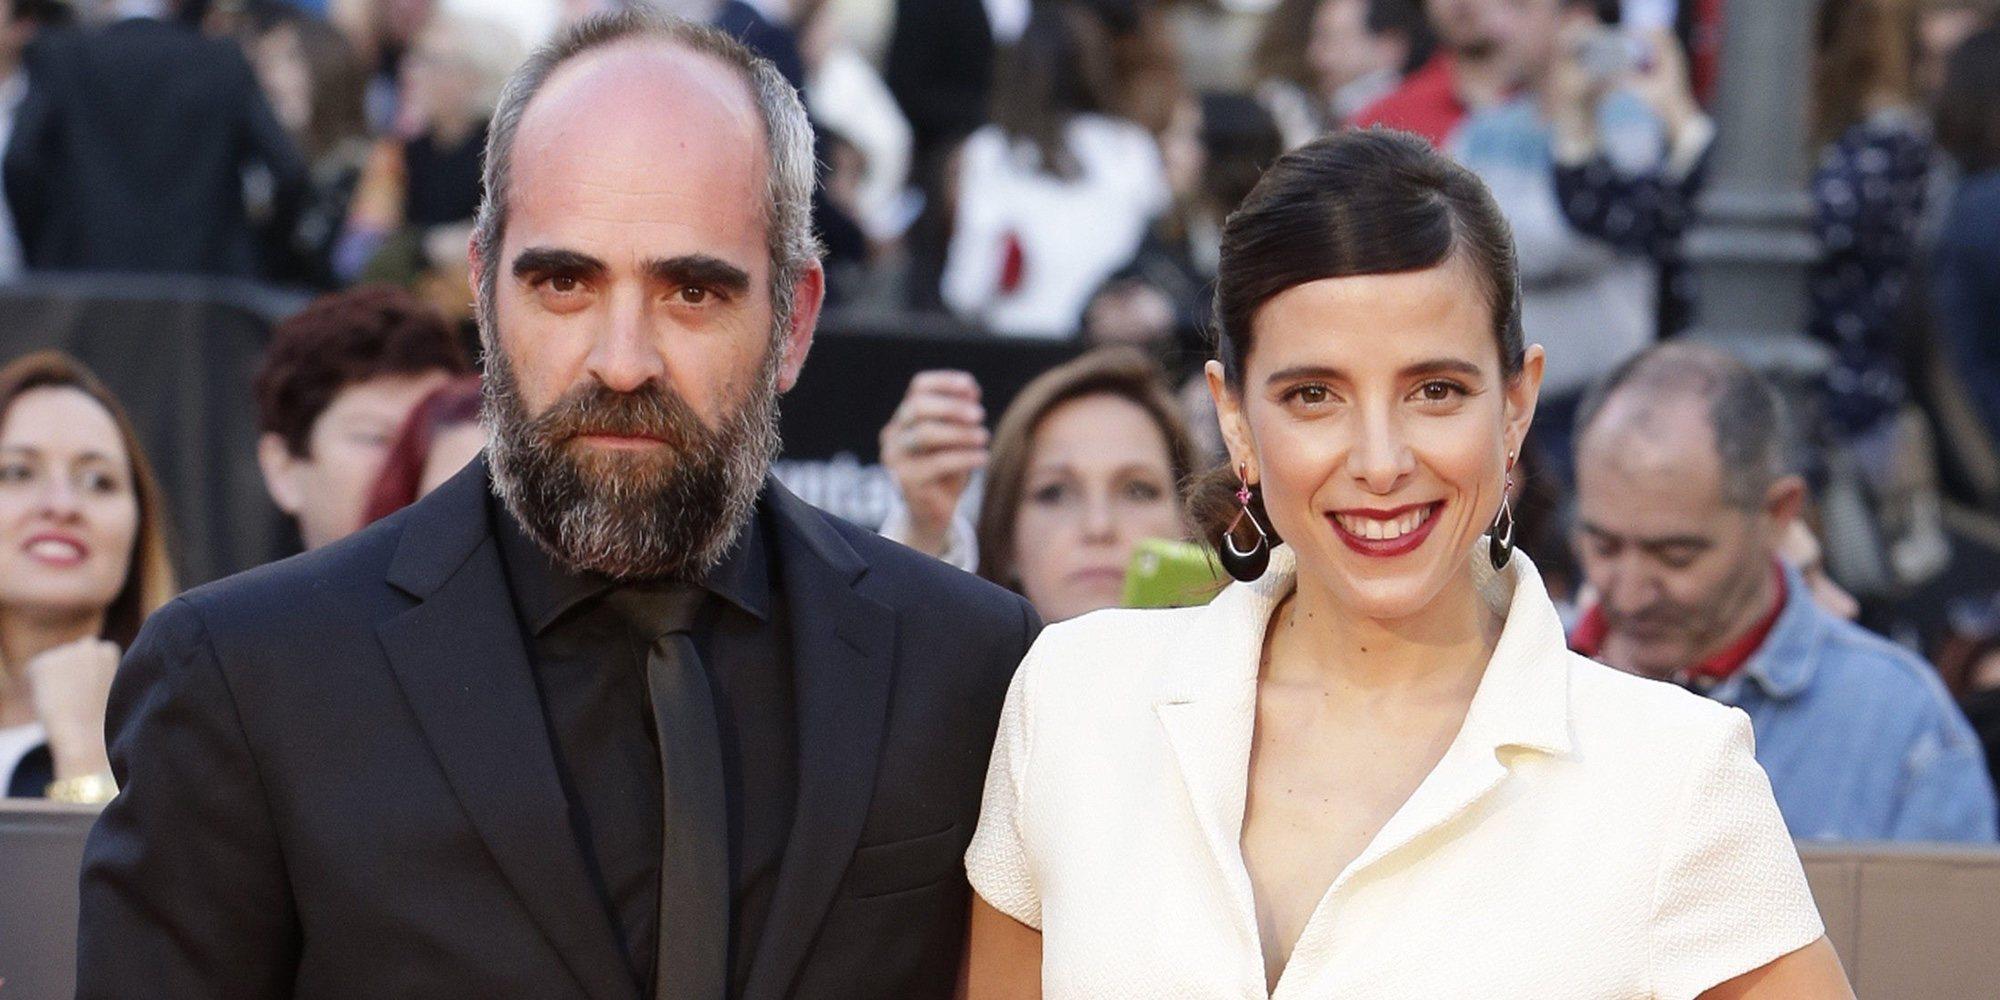 Luis Tosar y María Luisa Mayol se convierten en padres por segunda vez de una niña